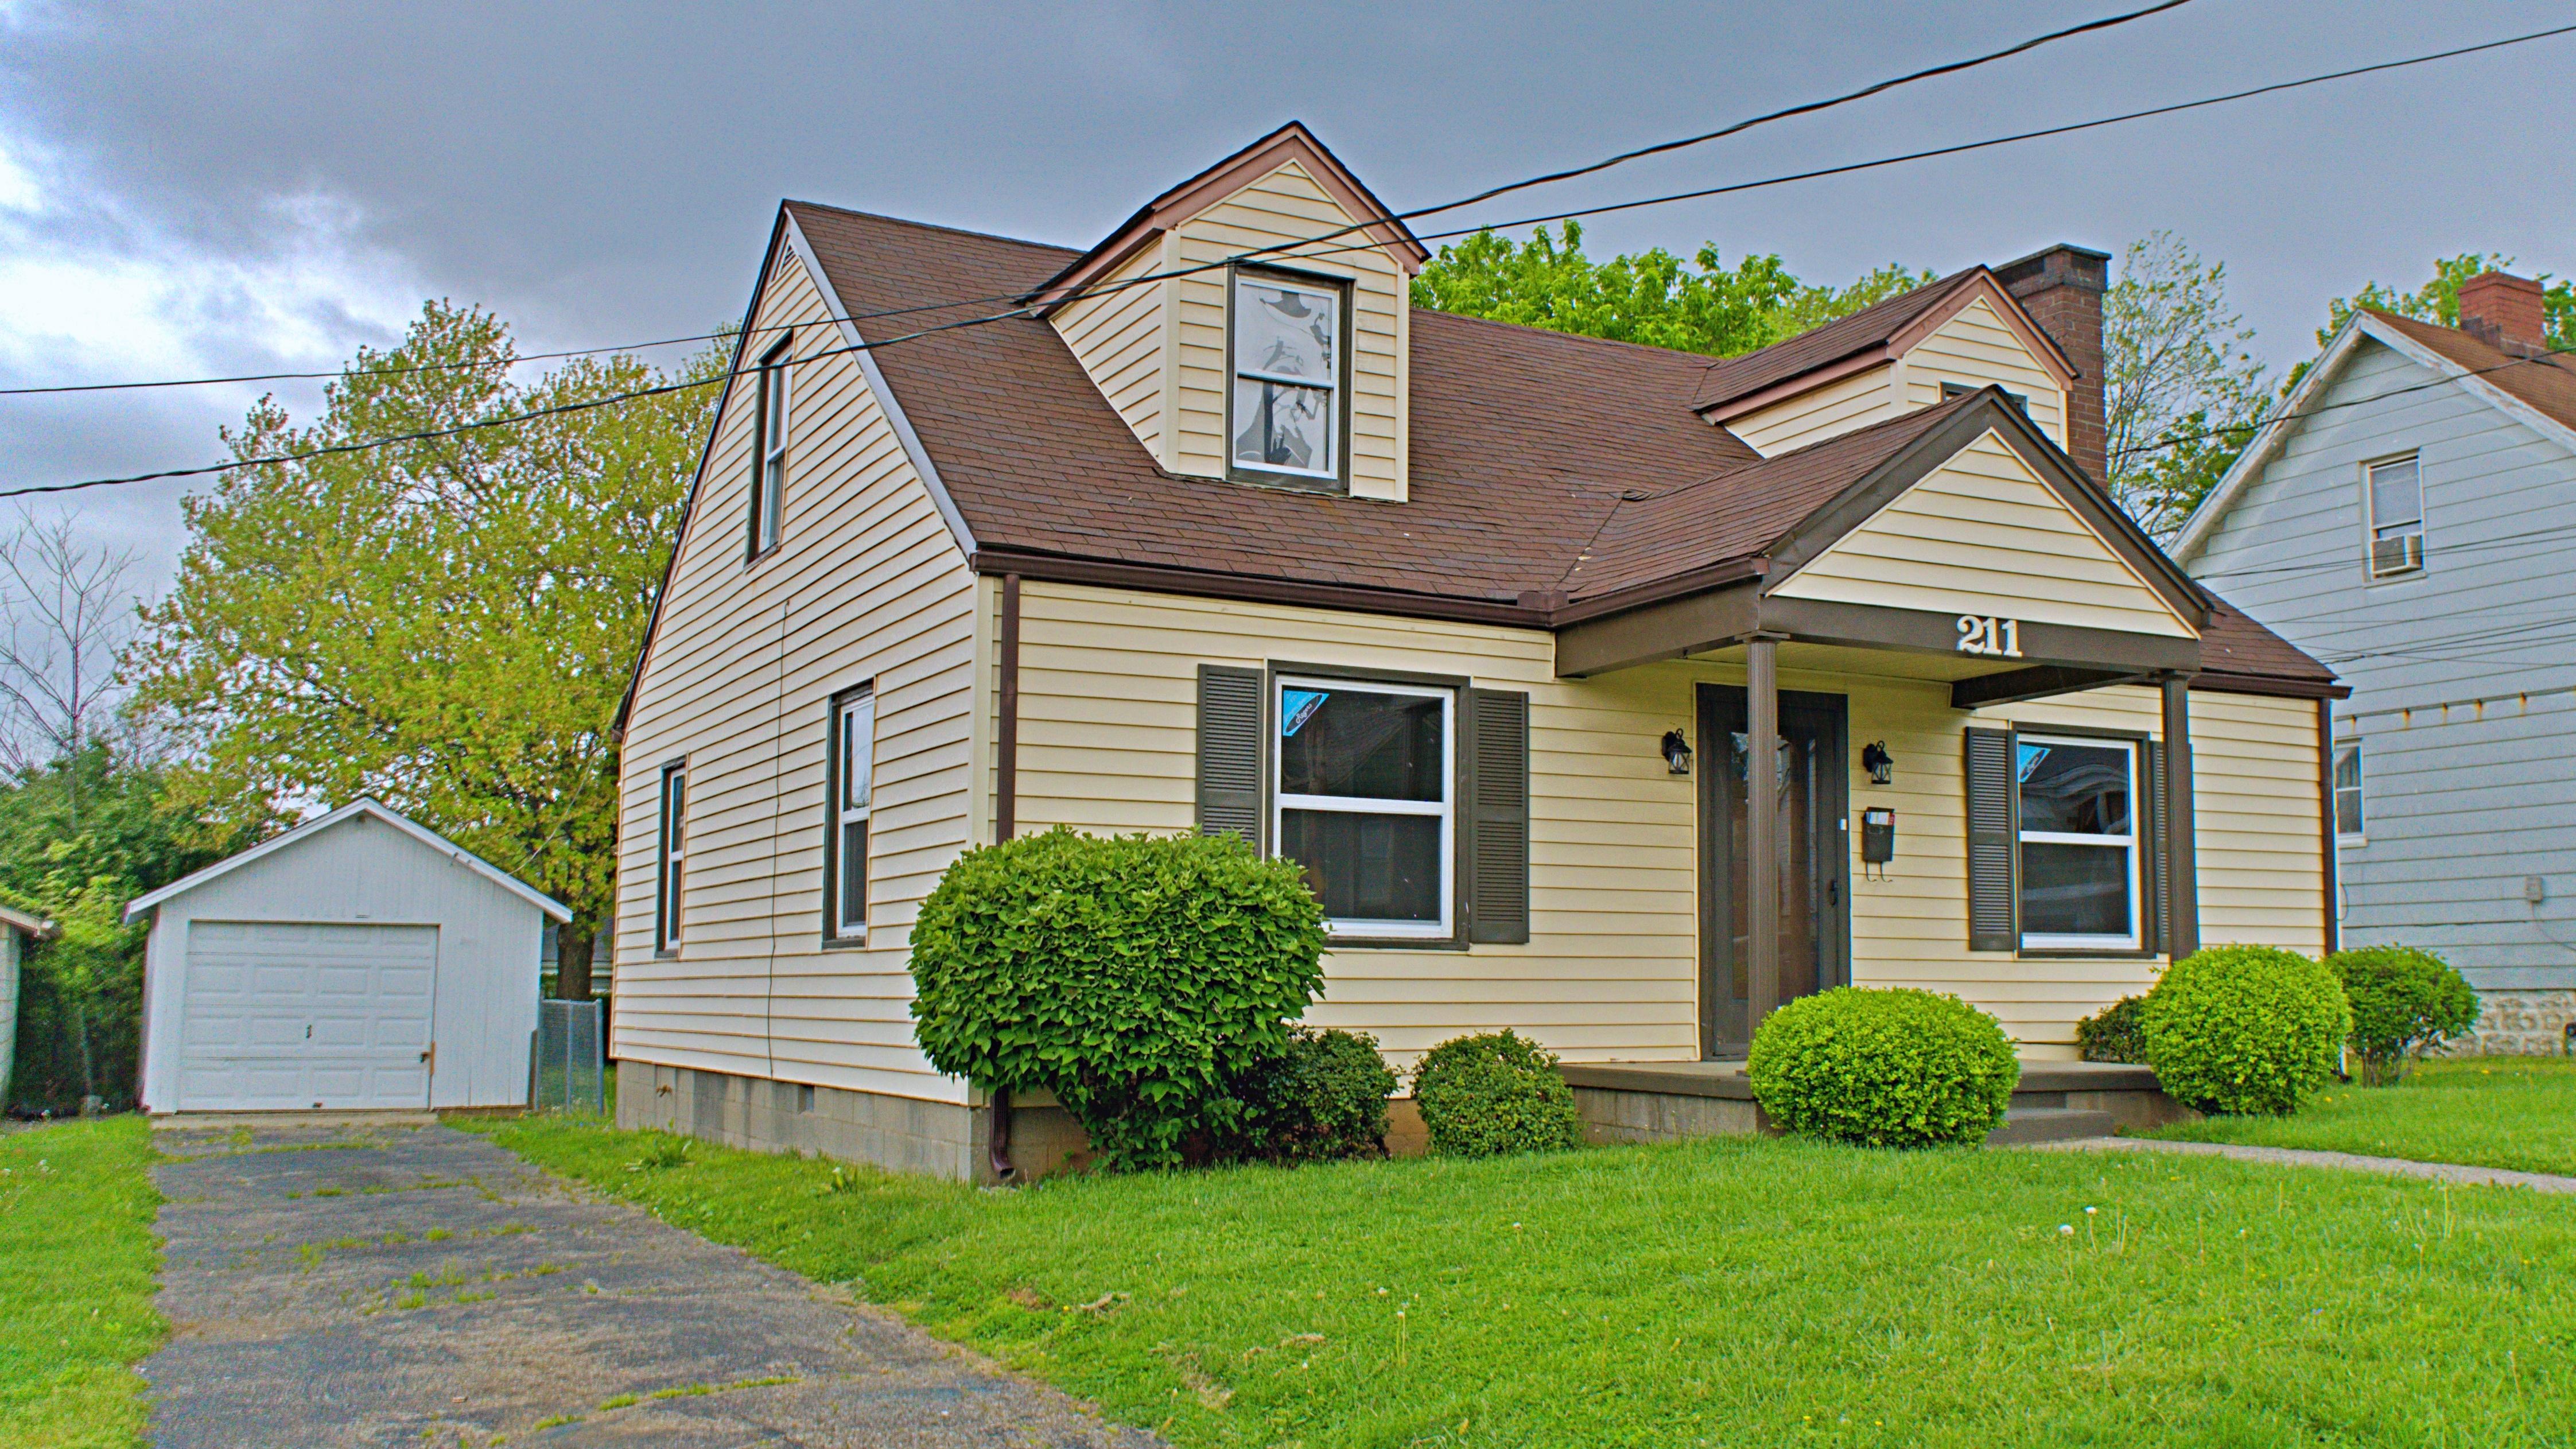 OPEN HOUSE 5/6 5-7PM  |  211 Hillcrest Ave Lexington, KY 40505